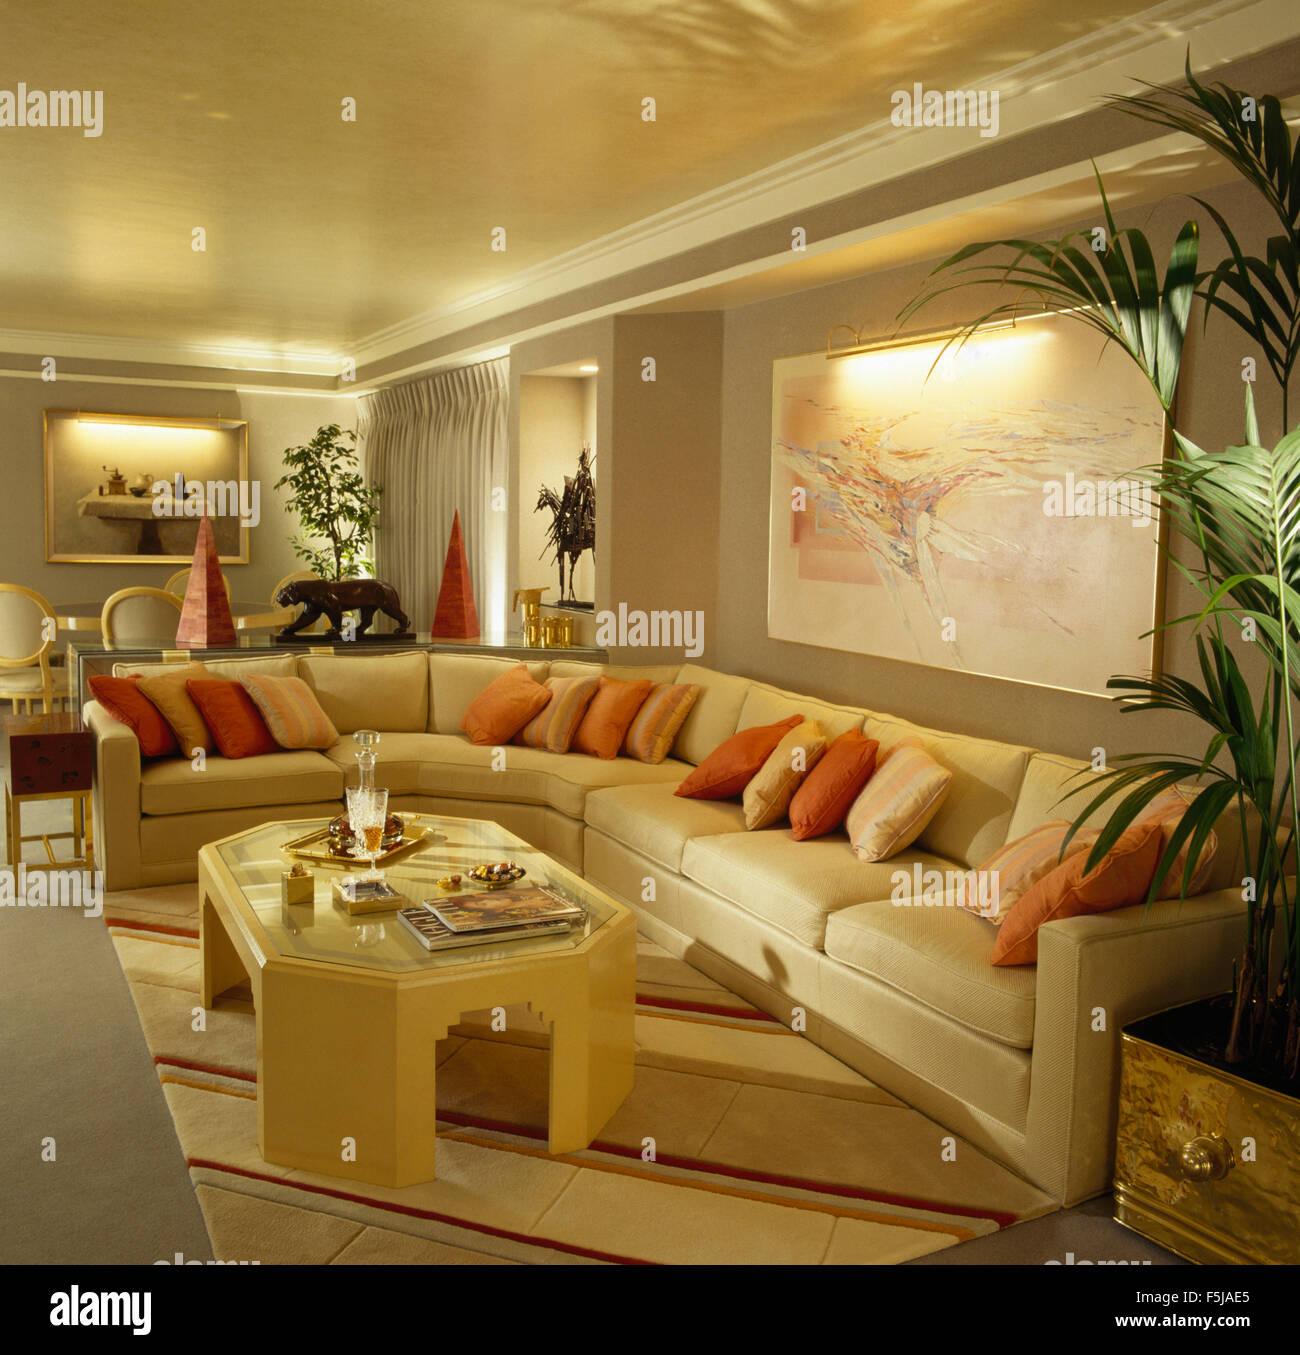 Creme Kaffee Tisch vor einer L-förmigen Creme Sofa mit Kissen in einem 80er Jahre Muskelaufbau Wohnung Wohnzimmer Stockbild